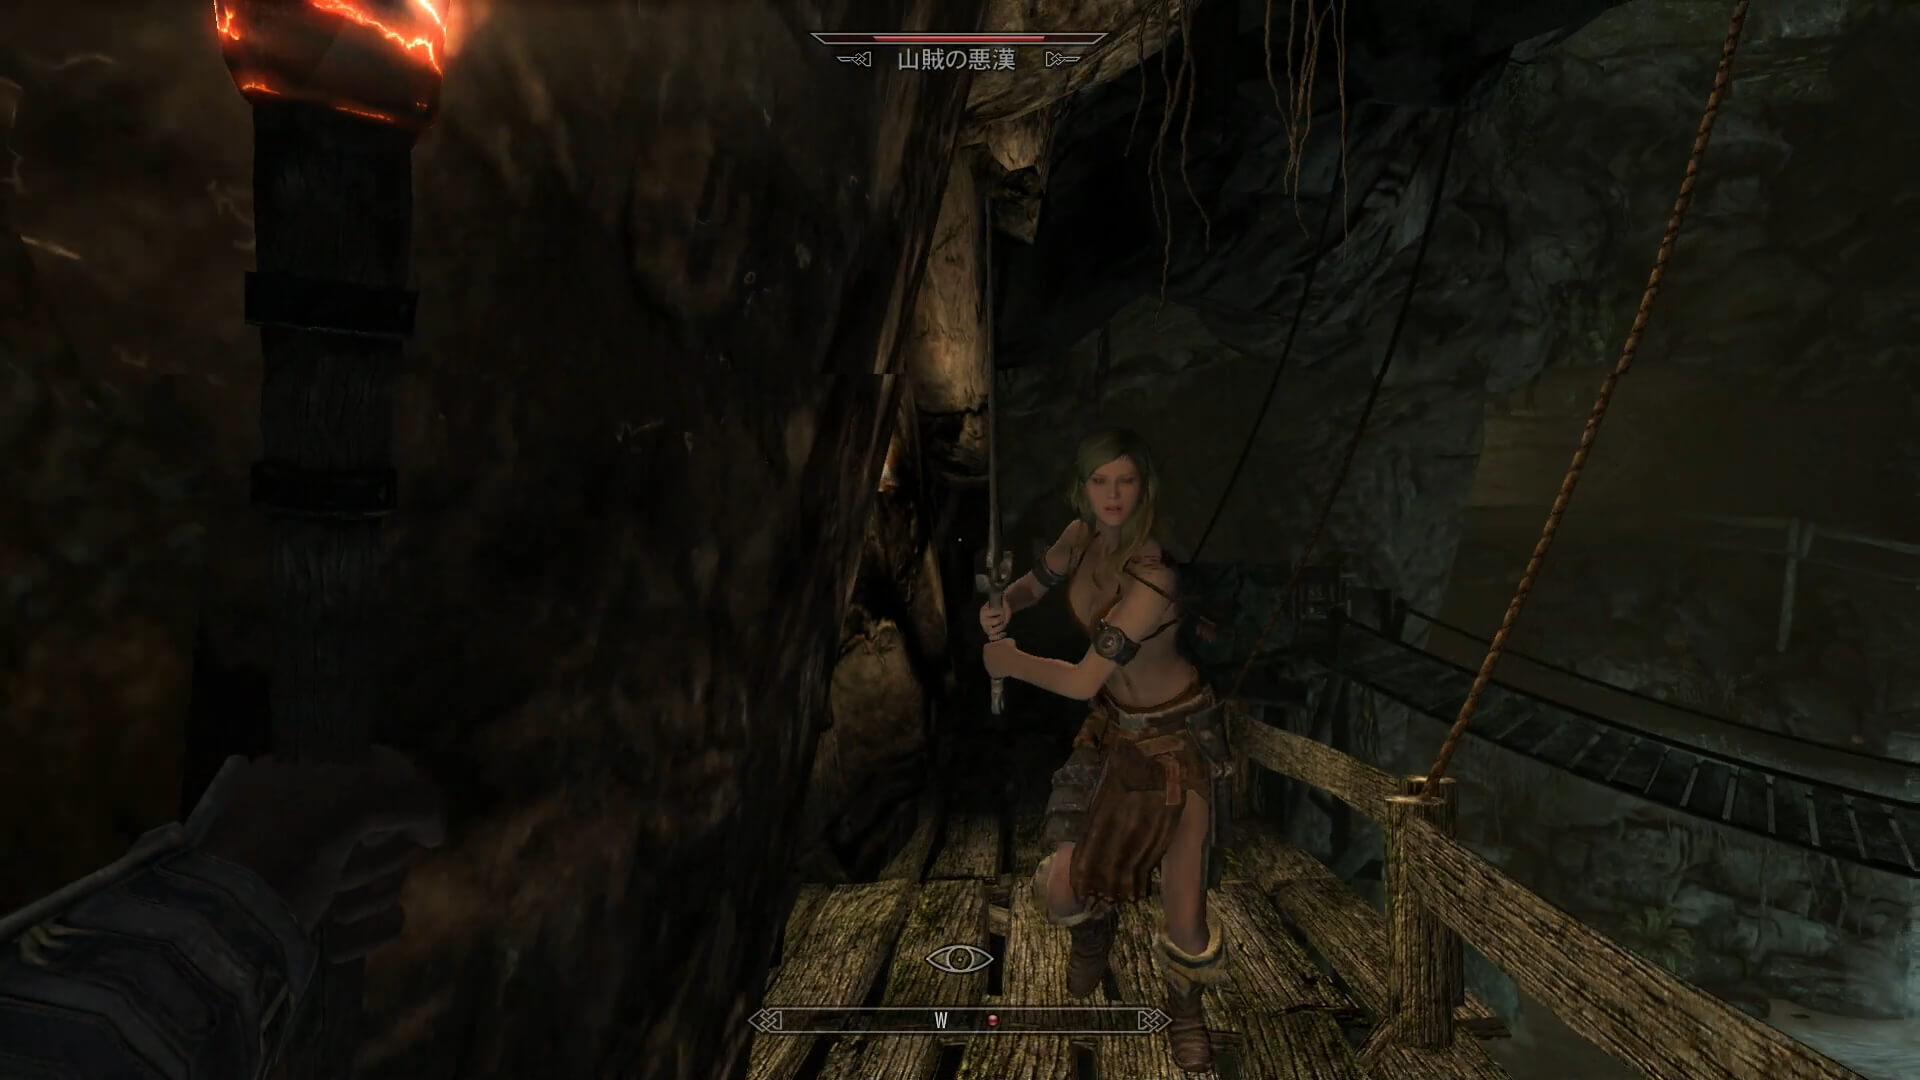 矢を射て先制するも、怒りの猛突進で迫る山賊の悪漢さん(美女)この直後に悲劇(動画11分頃)